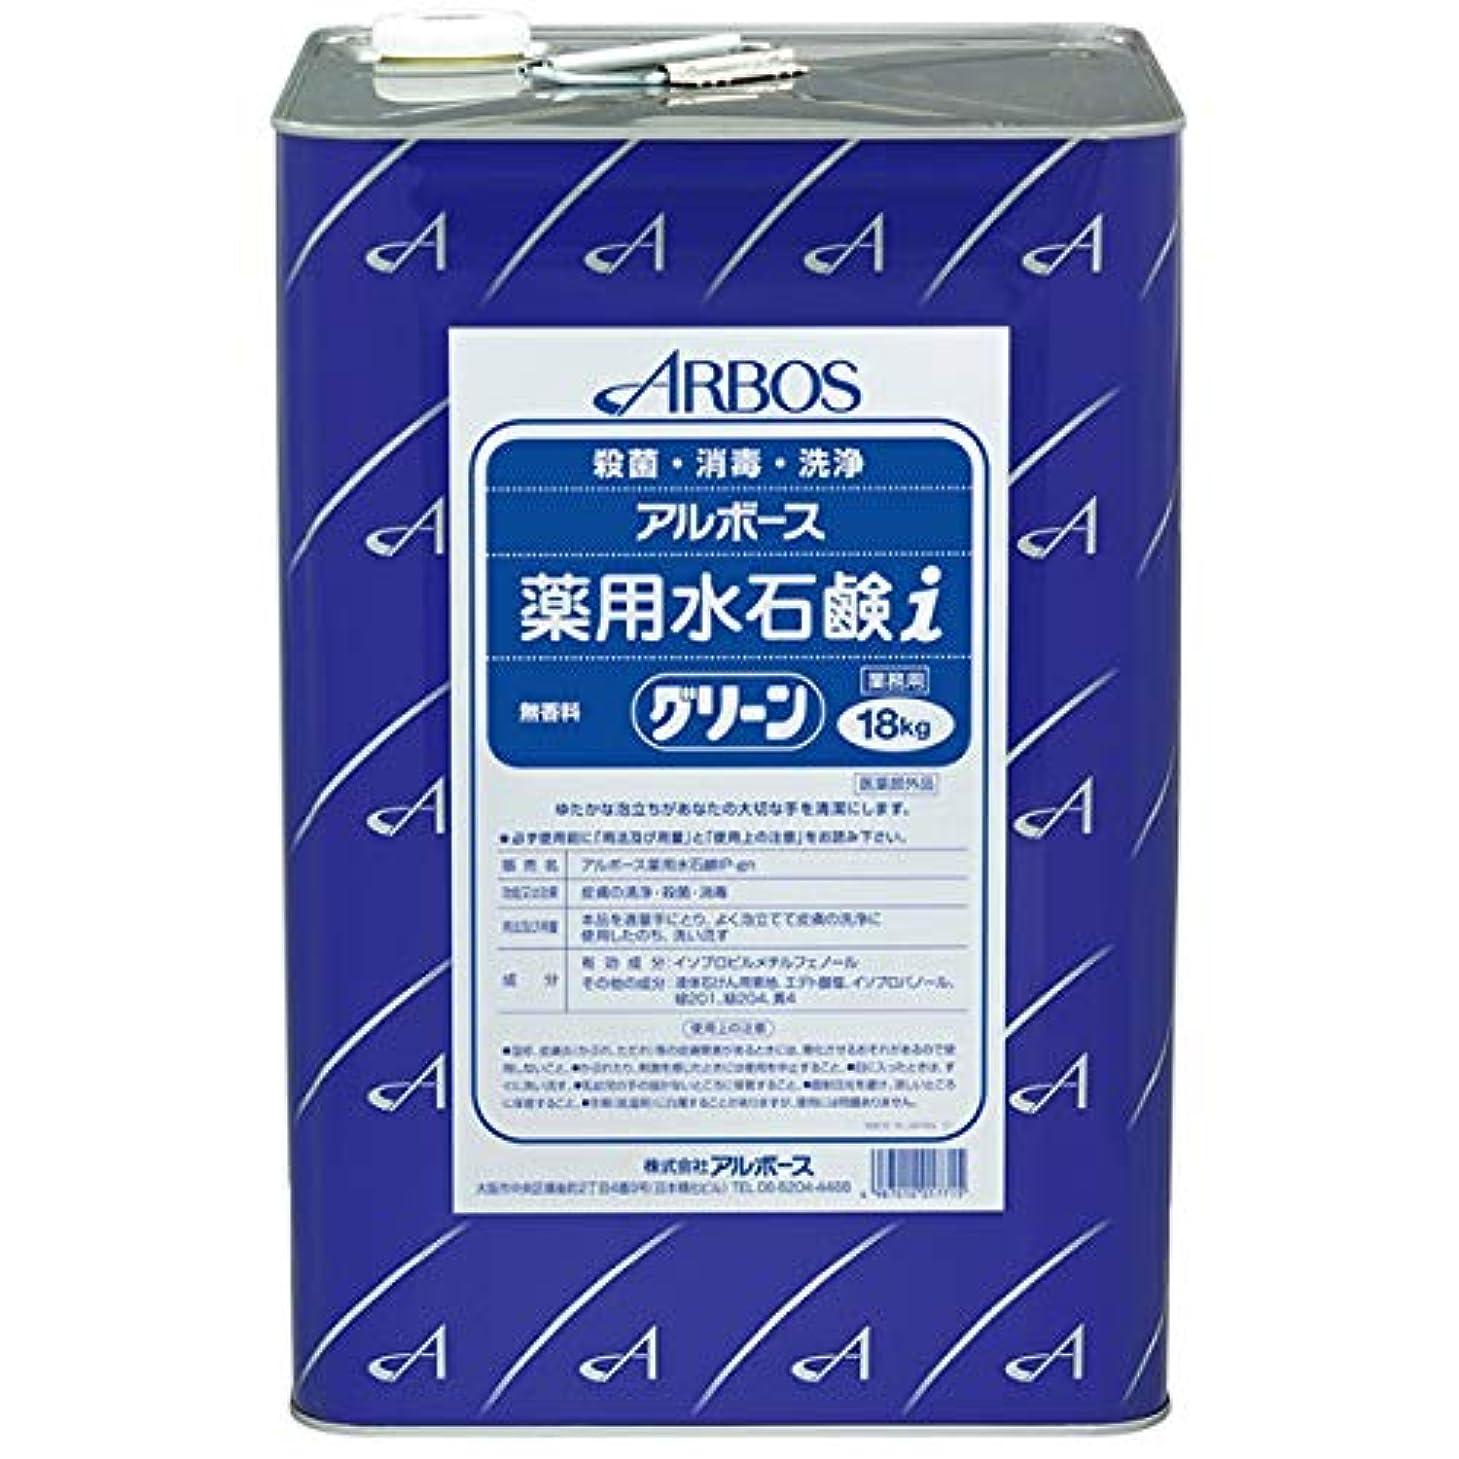 アクセサリー科学的チューブ【清潔キレイ館】アルボース薬用水石鹸グリーンi(18L)